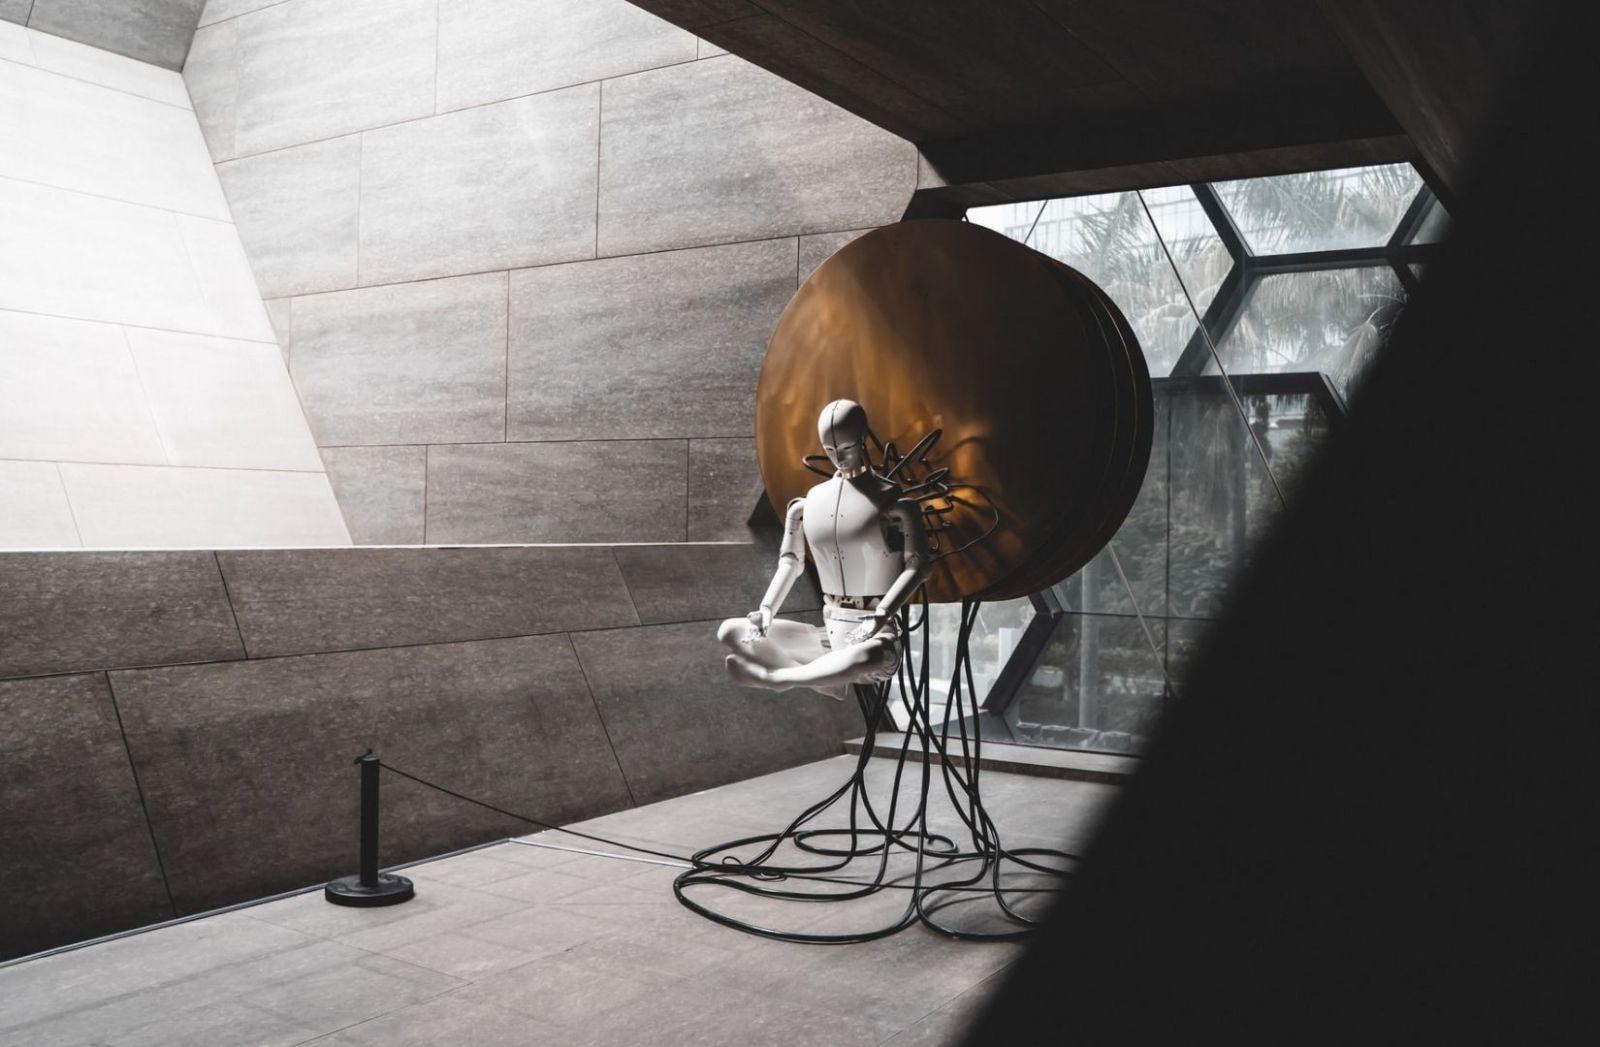 Der künstliche Mensch als Introspektion des Ich. (Foto: Yuyeung Lau, Unsplash.com)